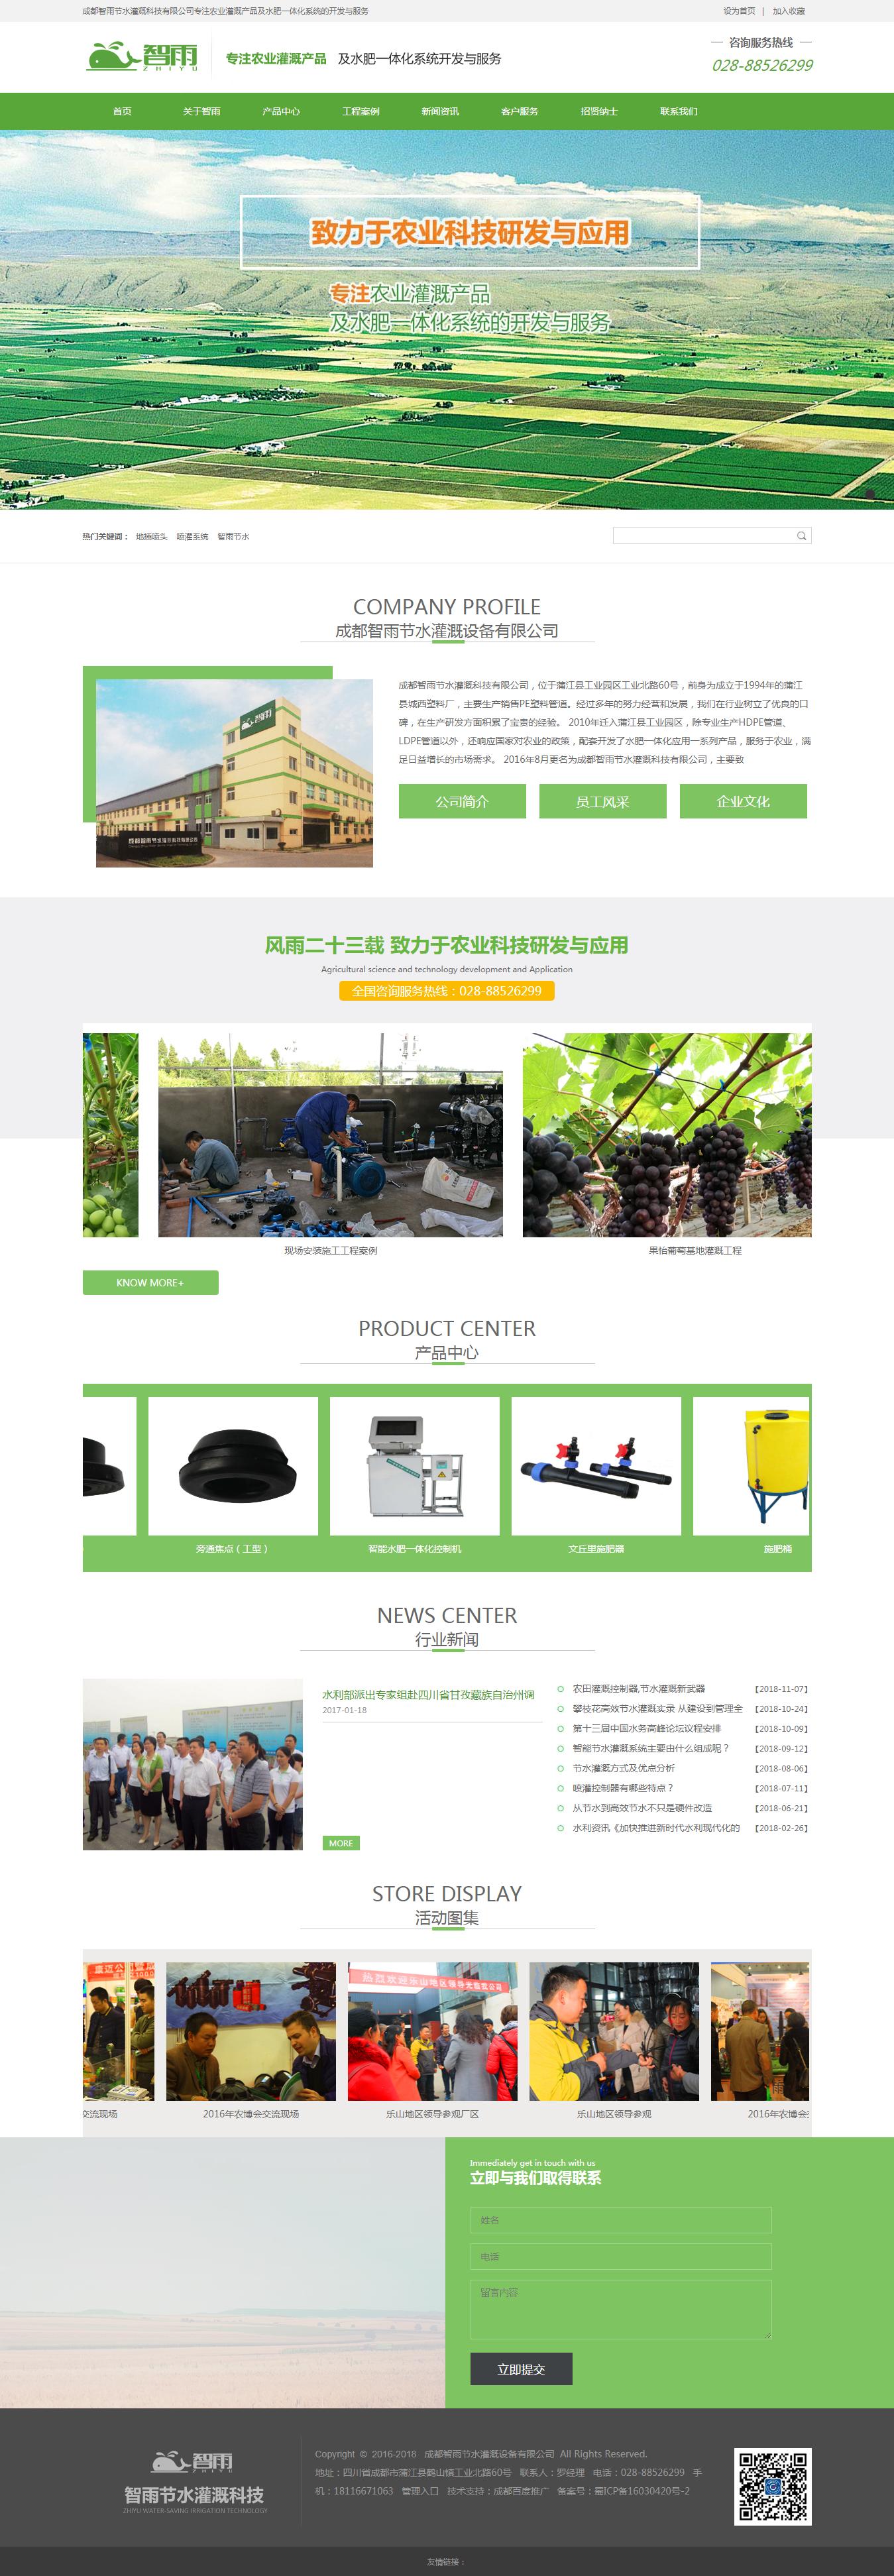 成都节水灌溉_滴灌设备_喷灌设备_微喷设备-成都智雨节水灌溉设备有限公司